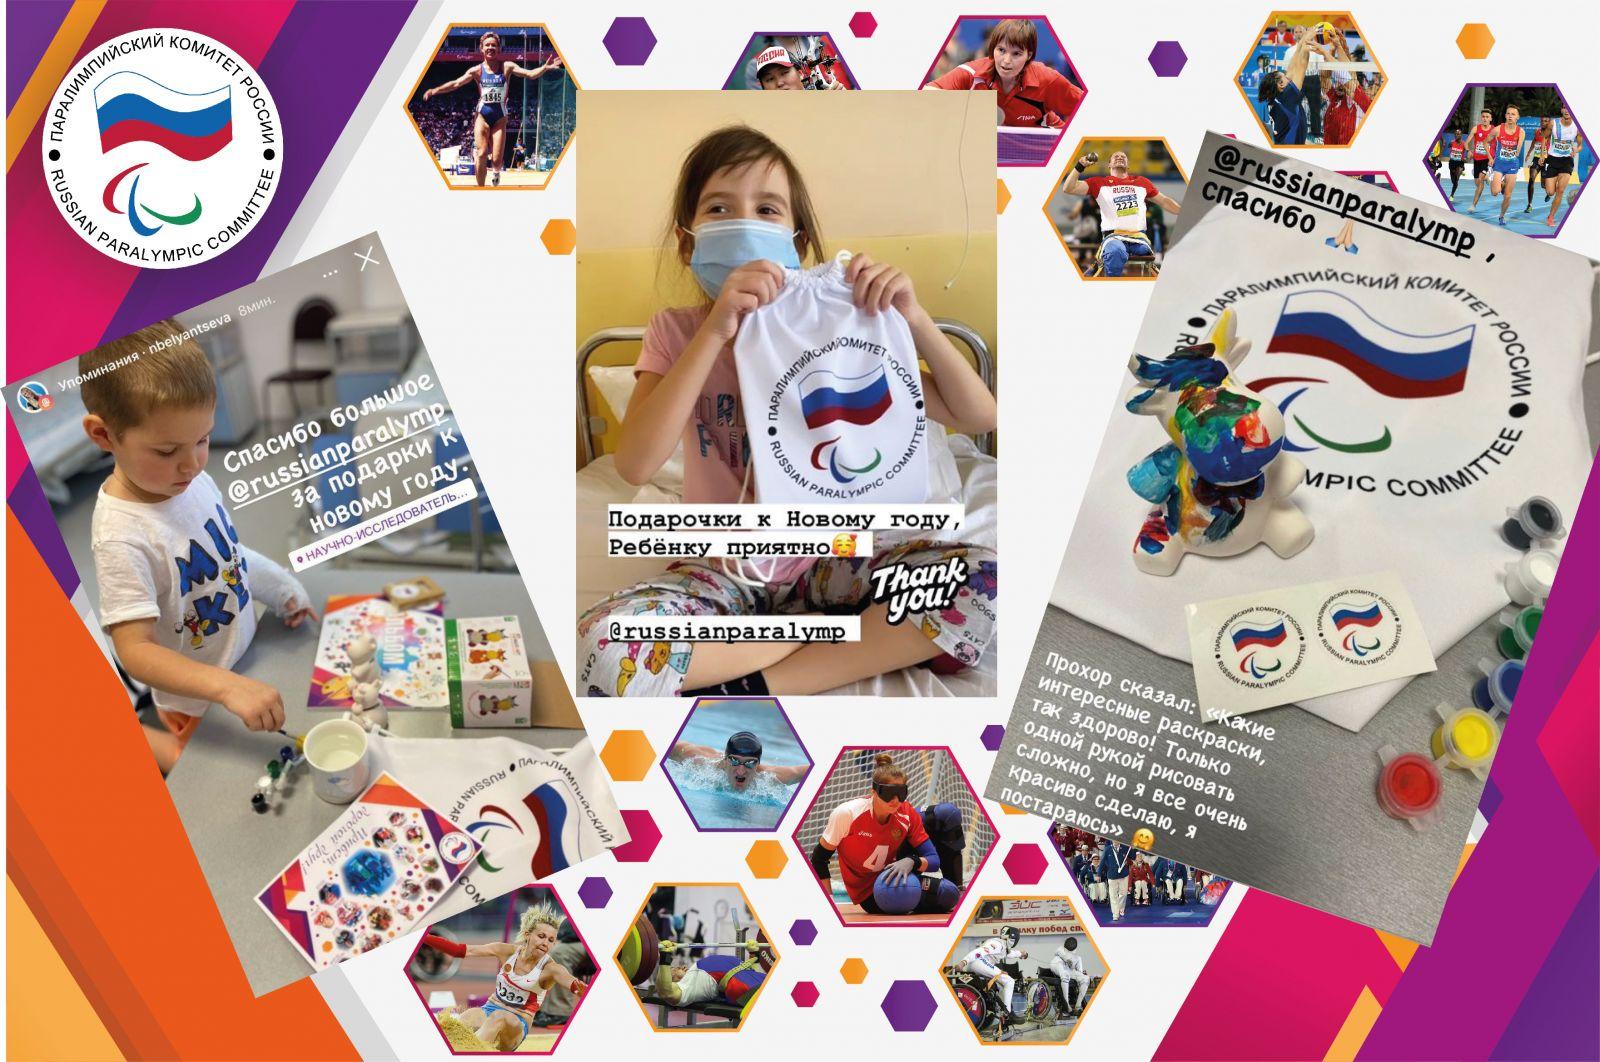 В рамках Международного дня инвалидов ПКР передал подарки для детей-пациентов НИИ неотложной детской хирургии и травматологии